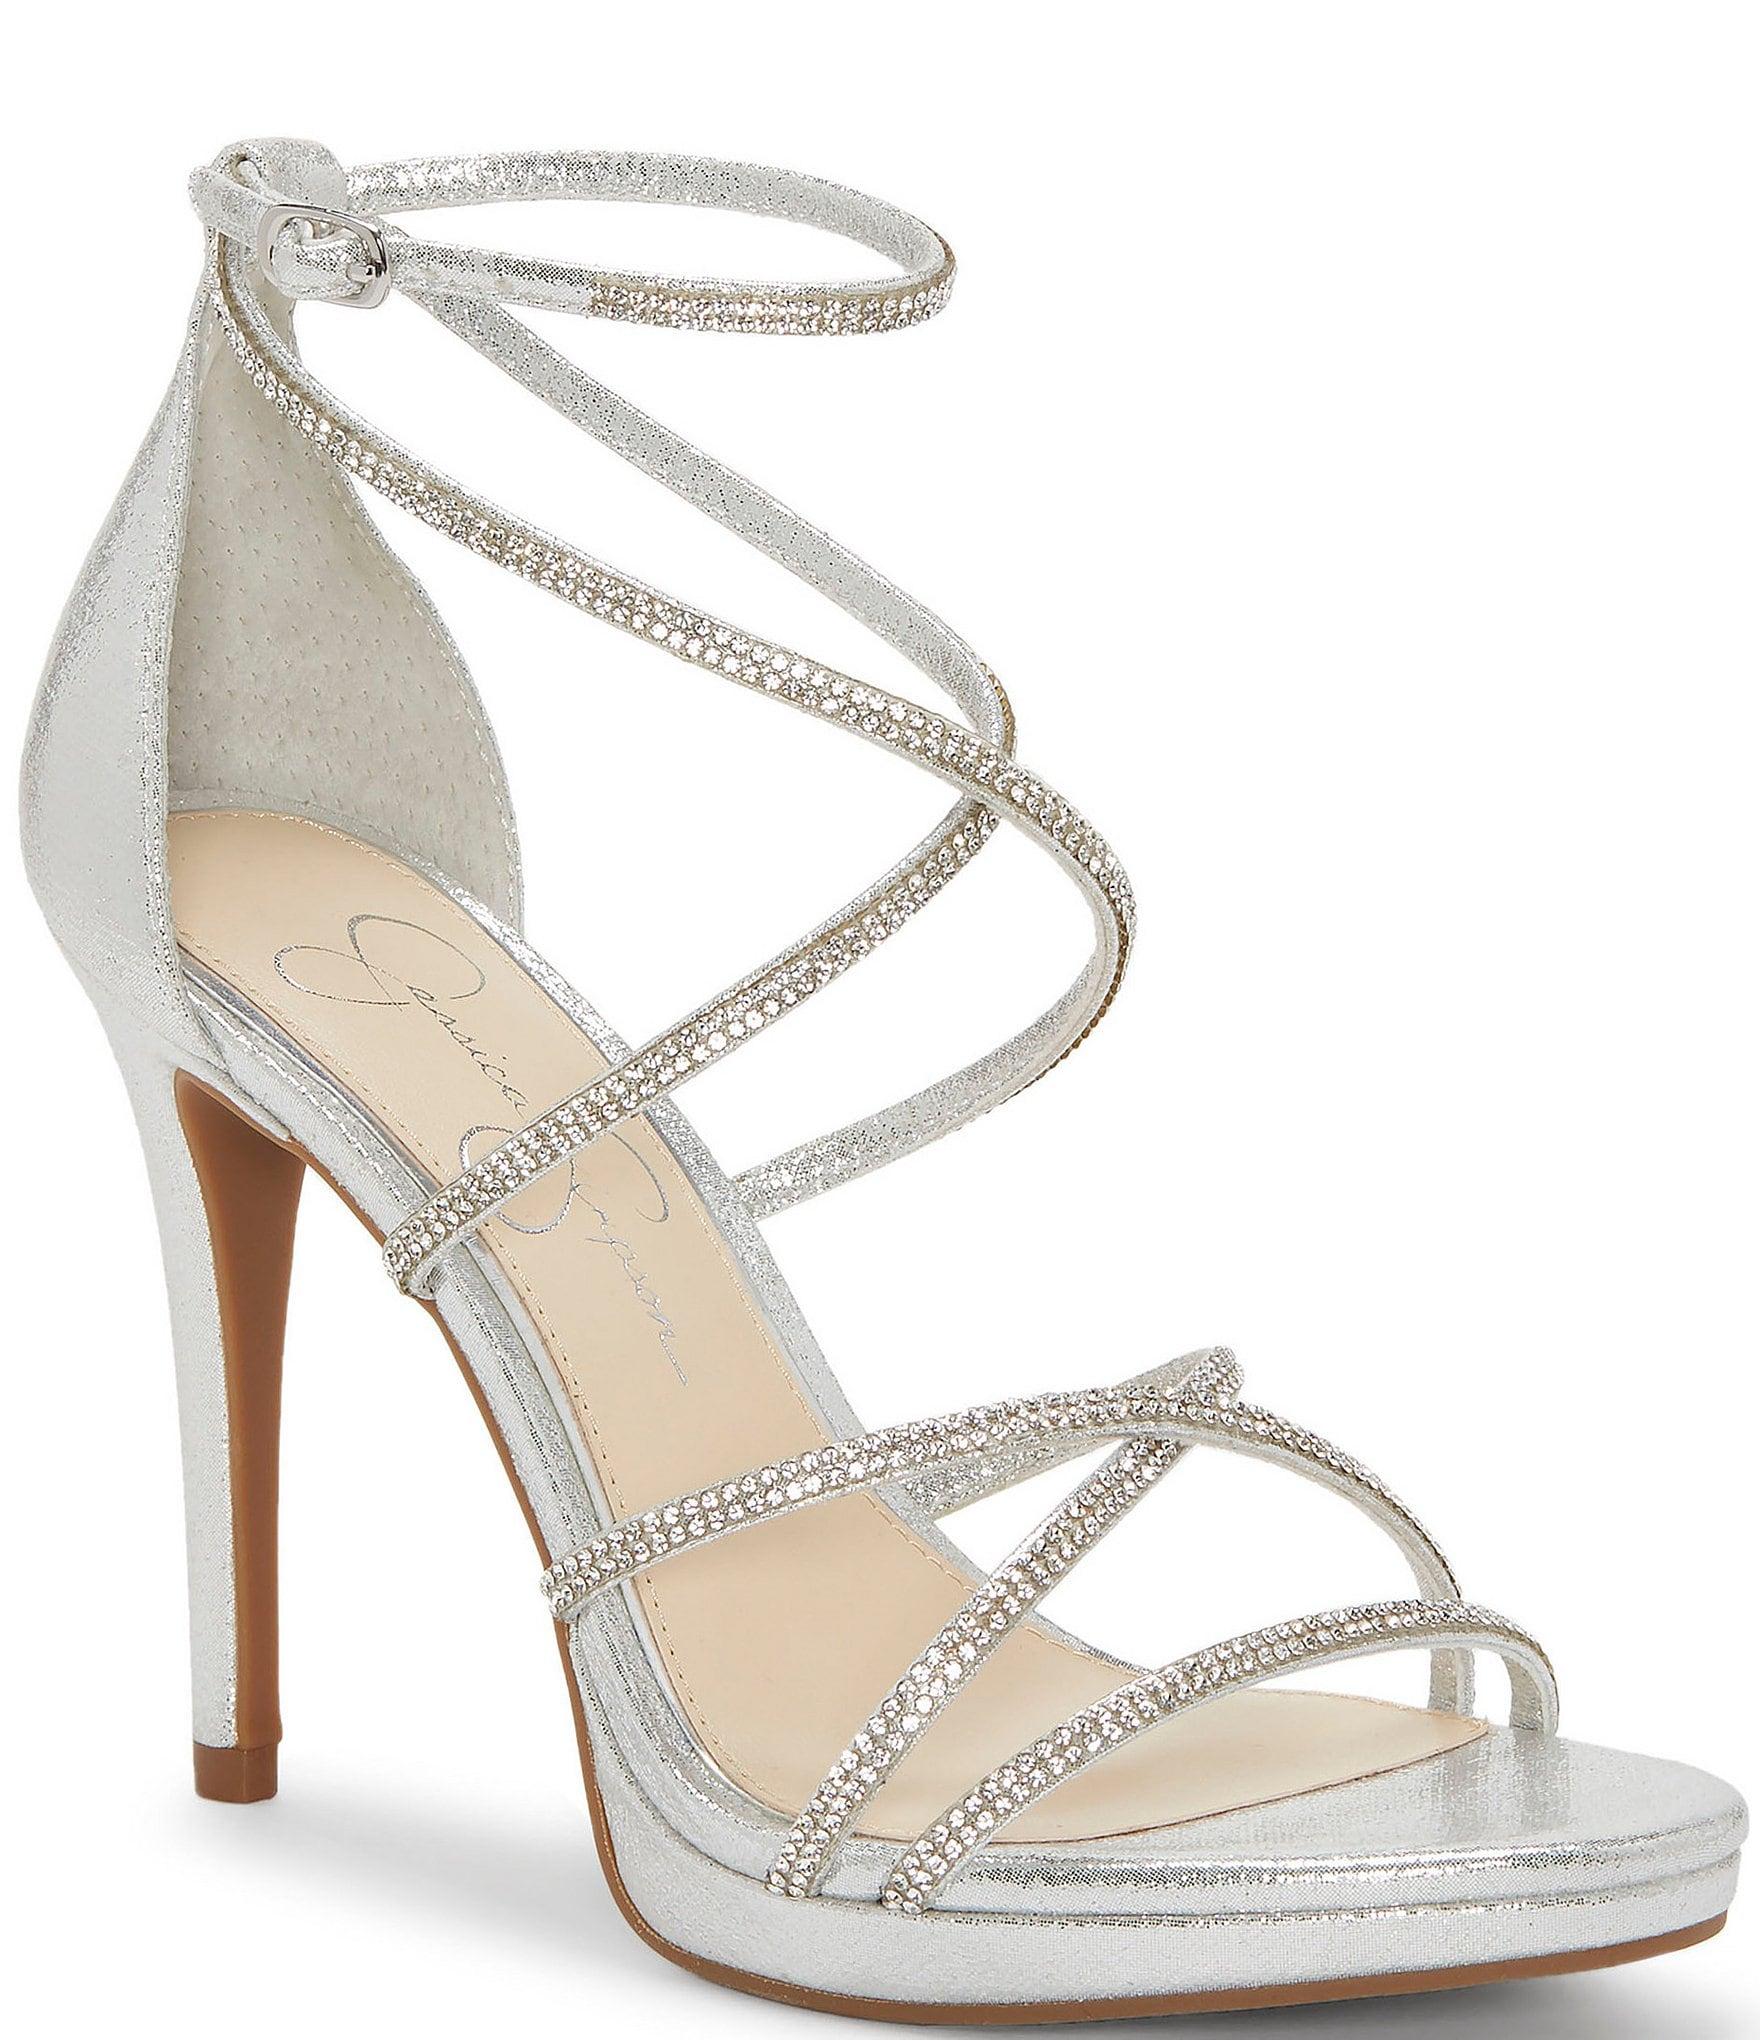 6f83e60e057 Women s Sandals